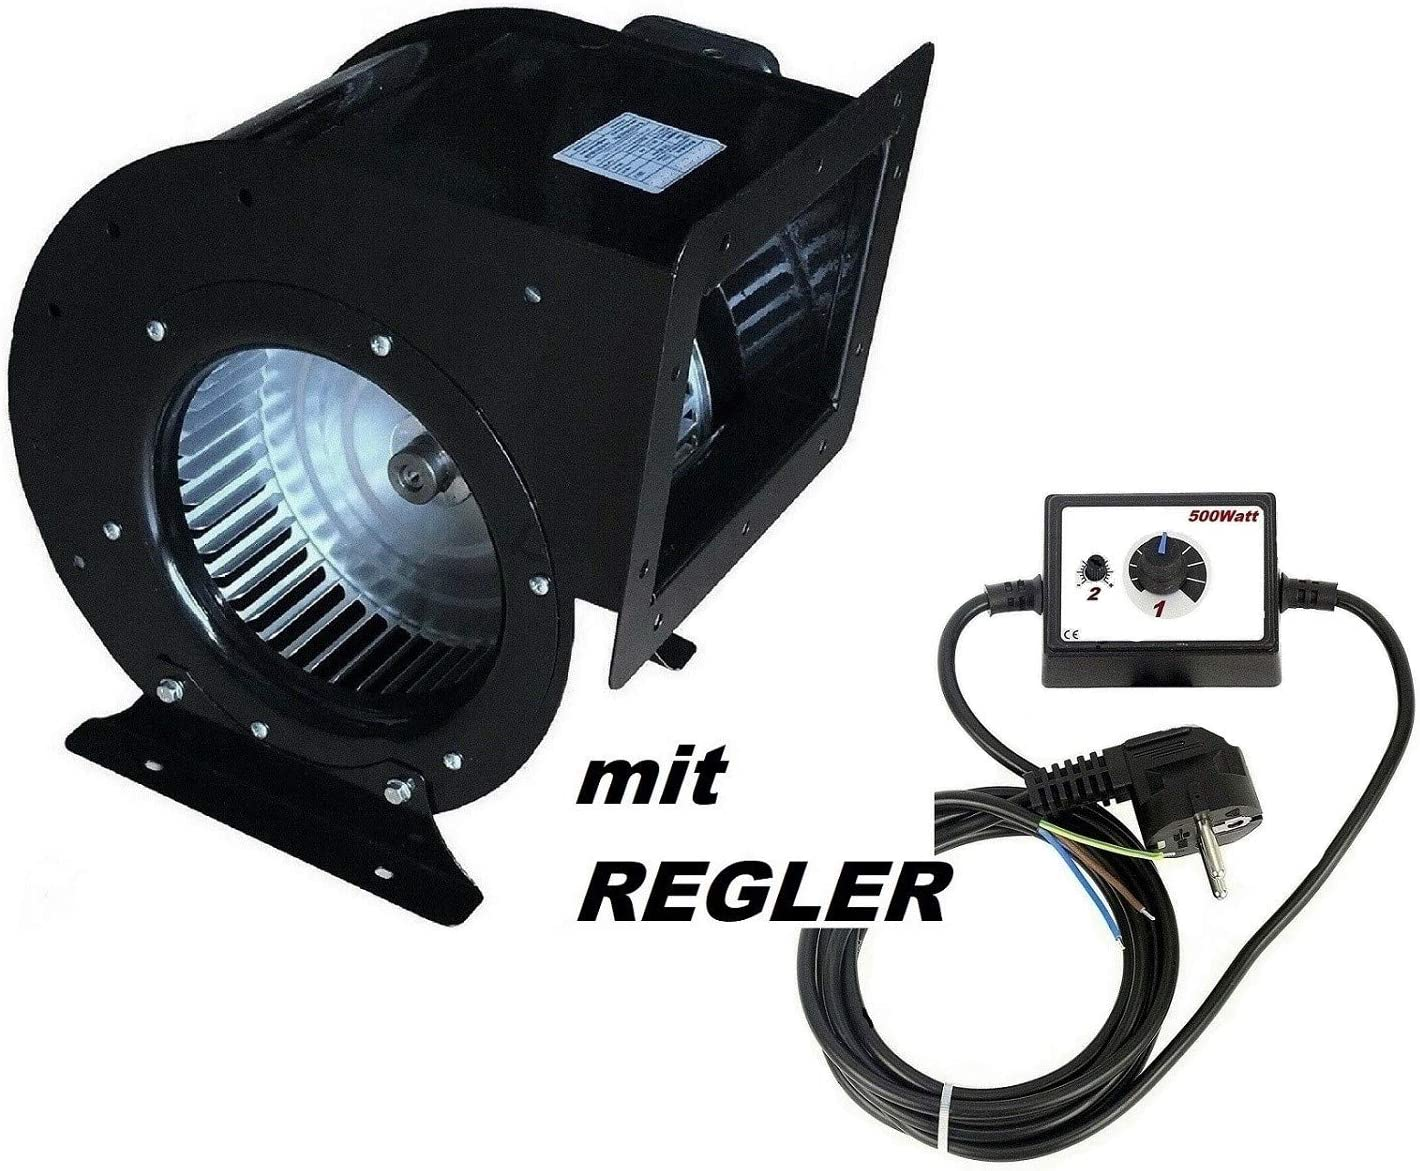 2000m³/h Ventilador industrial con 500W Regulador de Velocidat Ventilación Extractor Ventiladores industriales extractores centrifugo aspiracion centrifuga